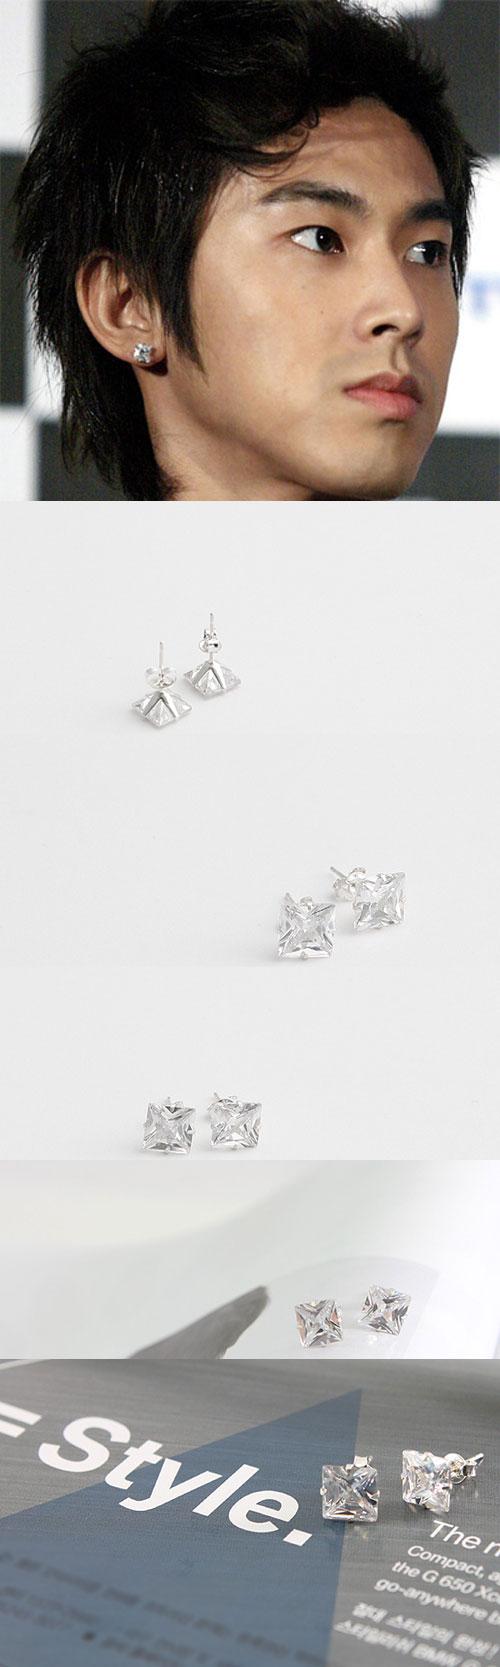 yn_pierced earring